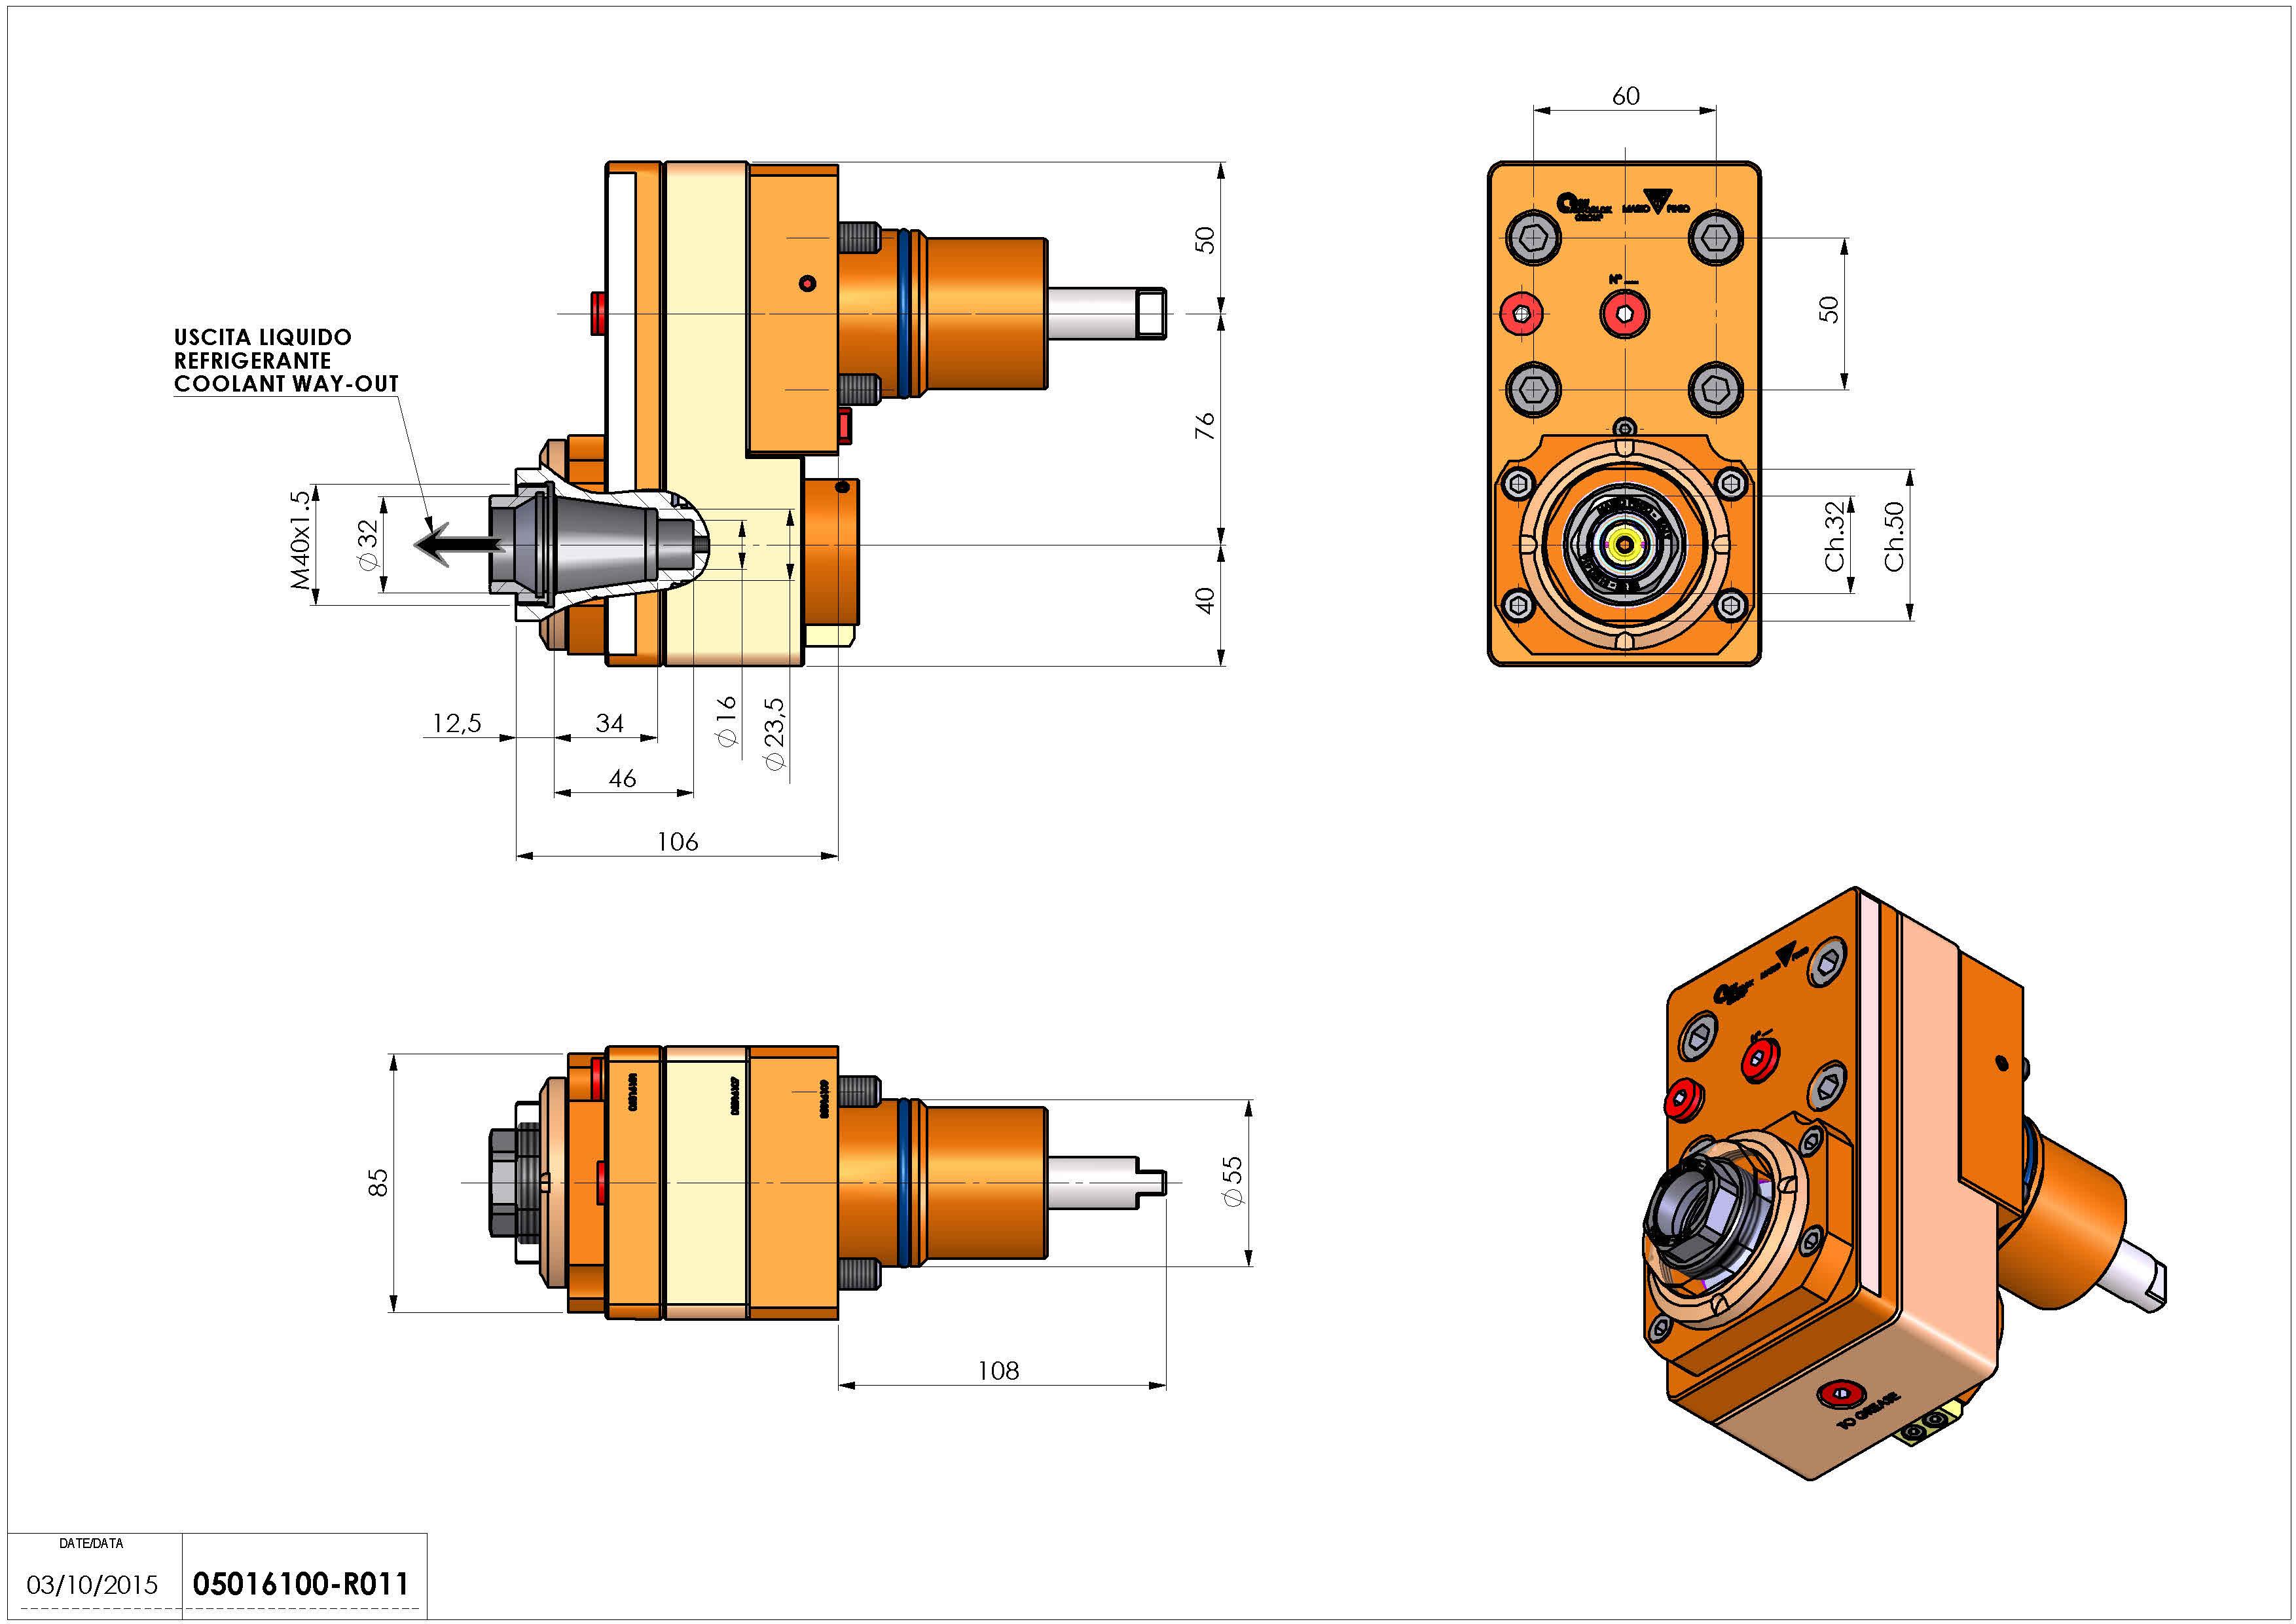 Technical image - LT-SD55ER32FOFS76RFH-PR H106NK.